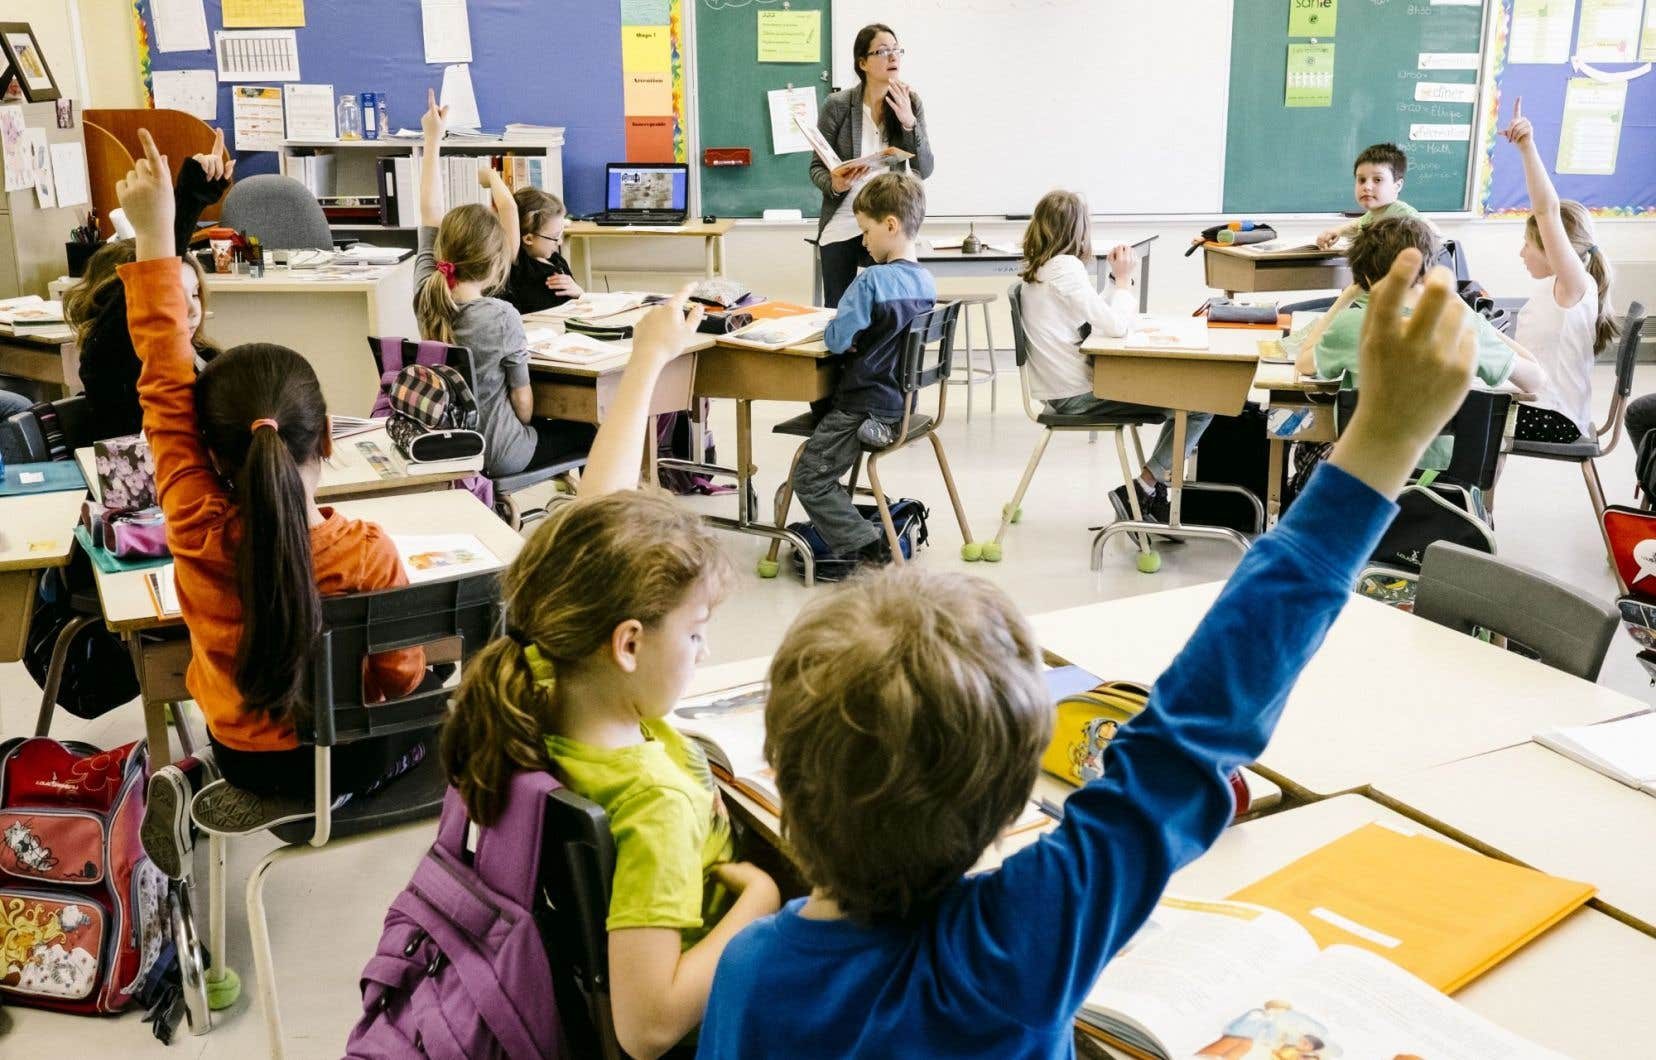 Les signataires de ce texte estiment qu'il esturgent de mener une profonde réflexion sur le système scolaire québécois et la mission de l'école québécoise.